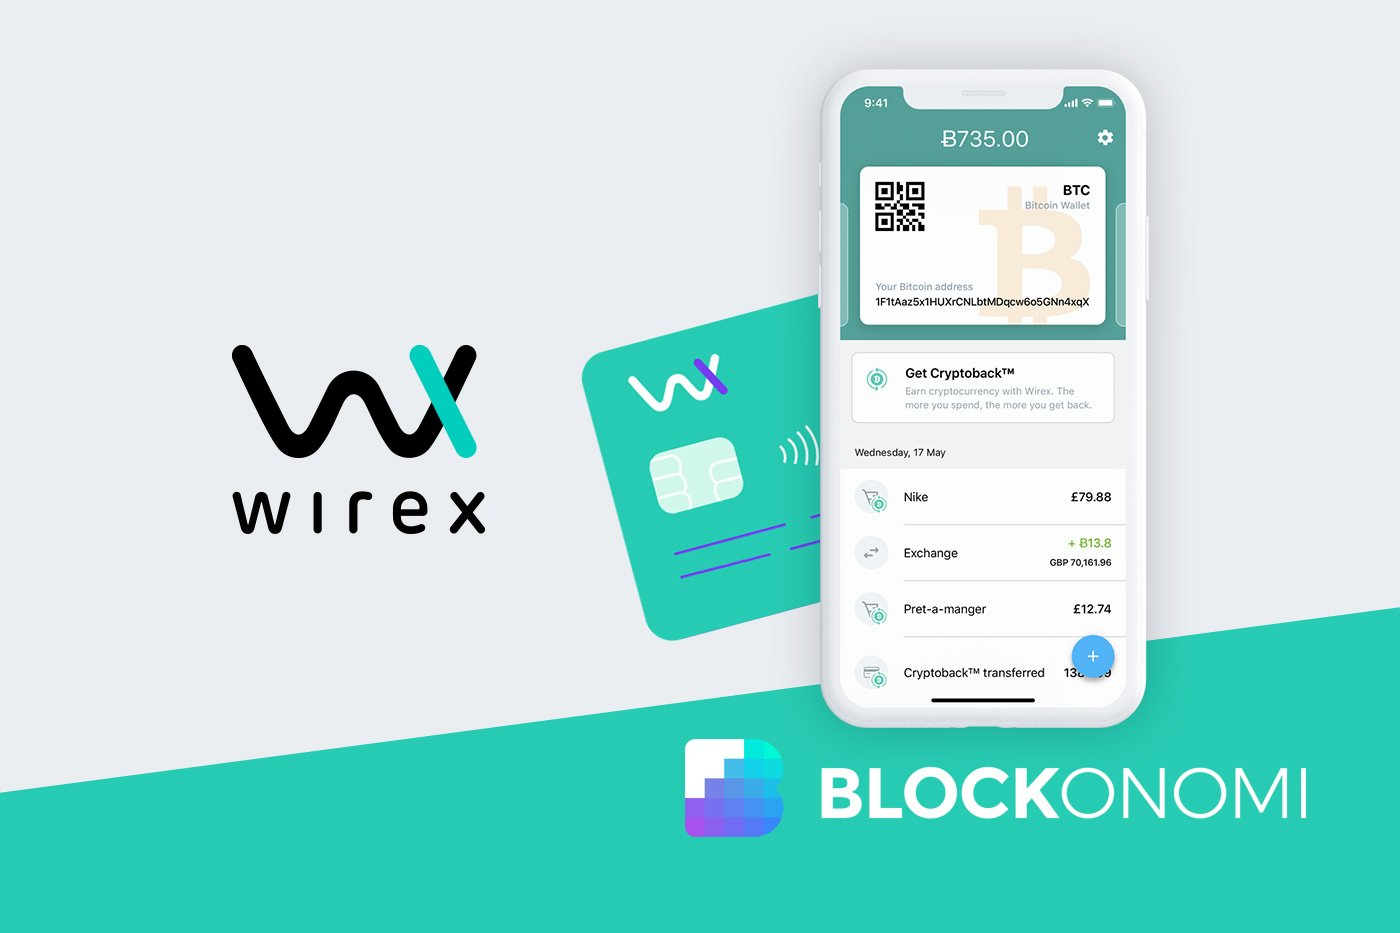 wirex bitcoin ethereum litecoin xrp wallet